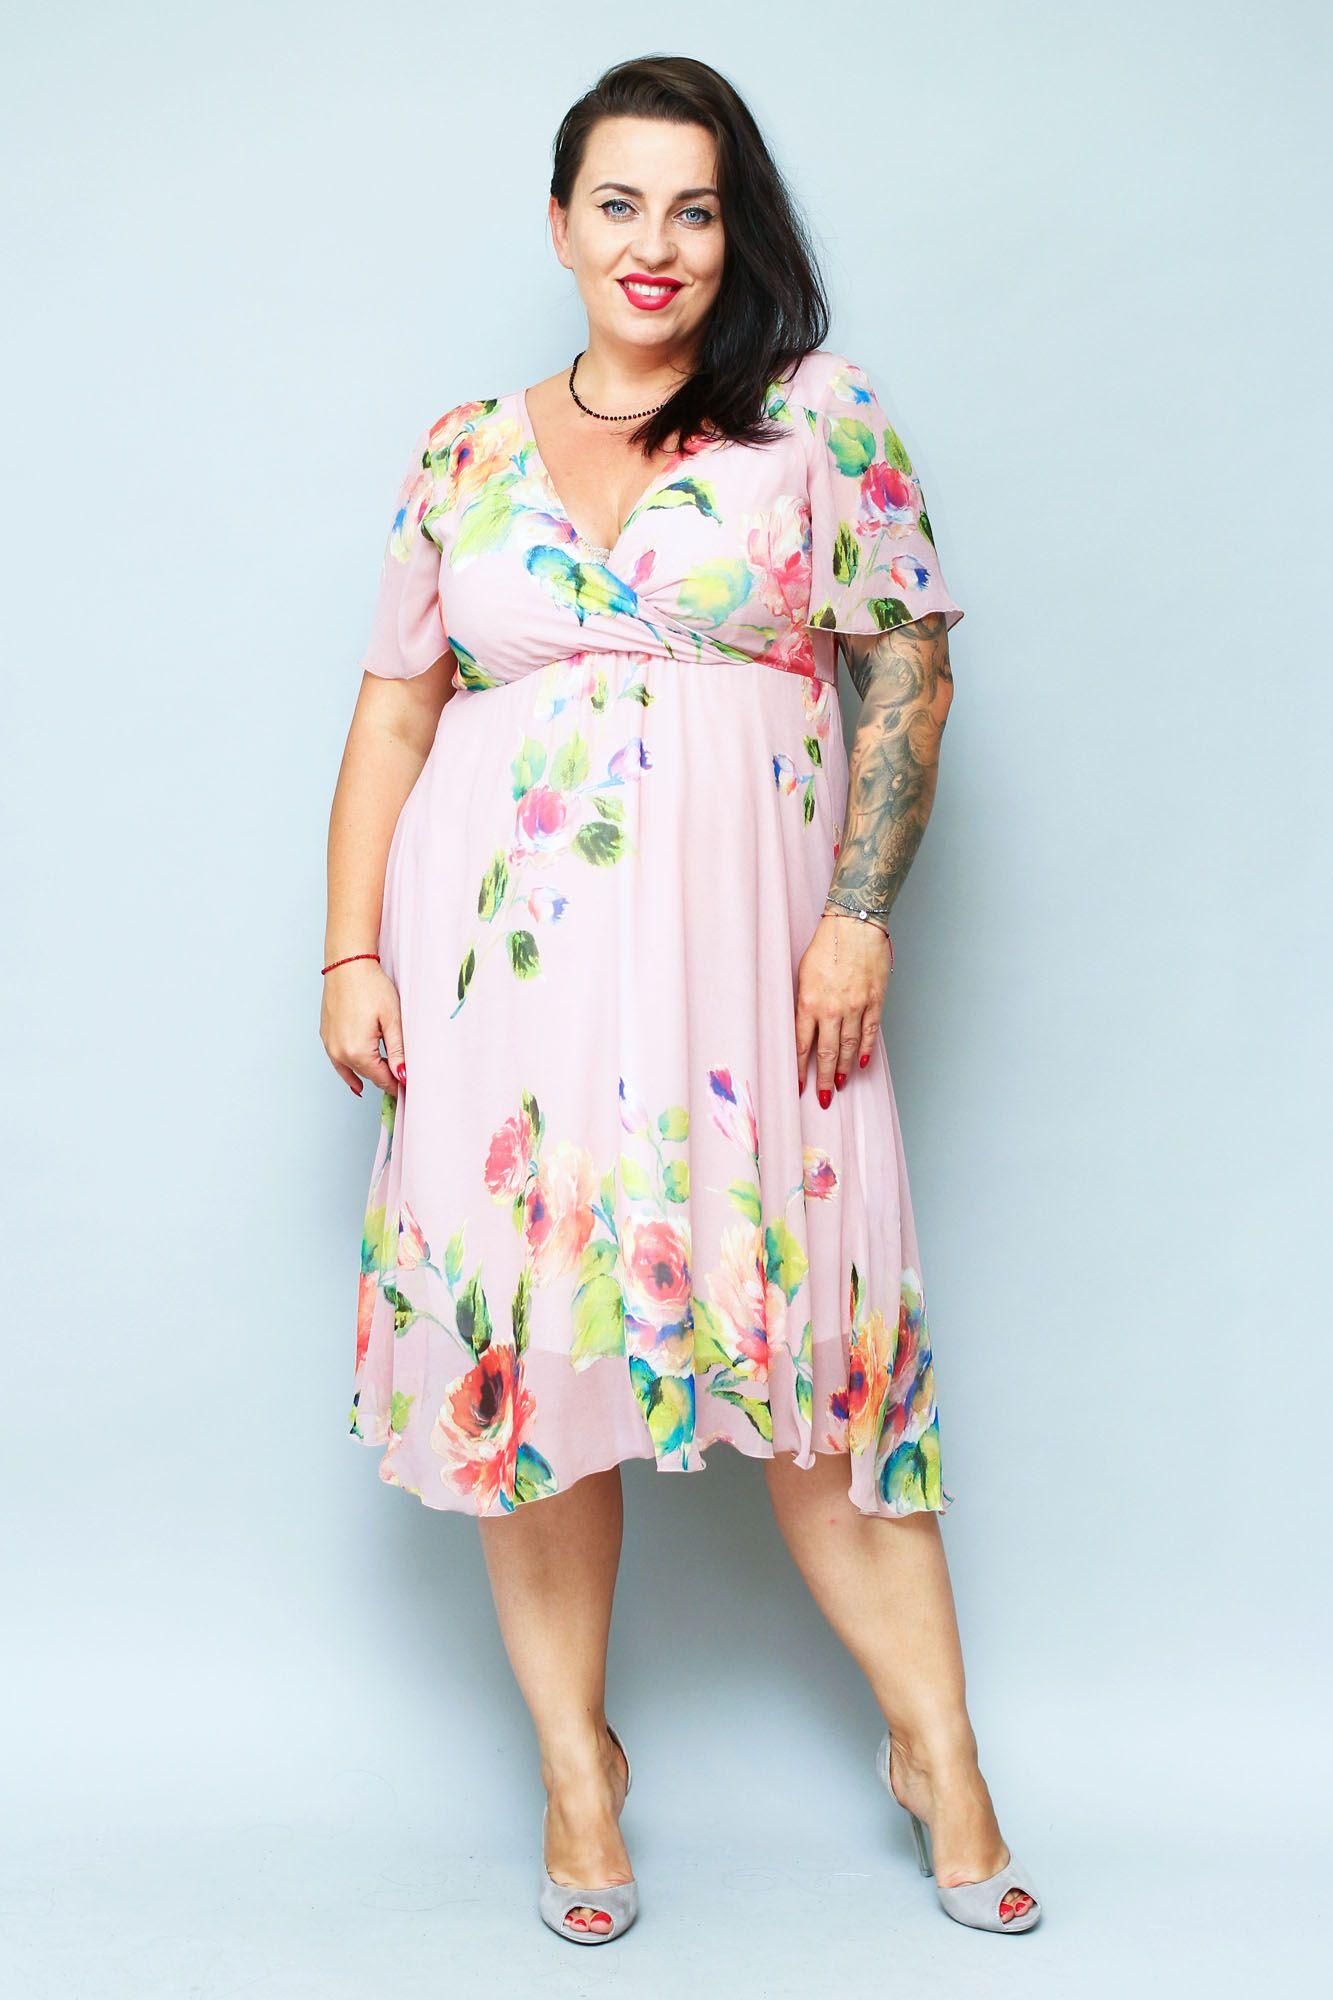 Sukienka Amera Odcinana Dekolt Koperta Szyfon Pudrowy Roz W Kwiaty Sklep Internetowy Plus Size Fashion Dresses Shoulder Dress